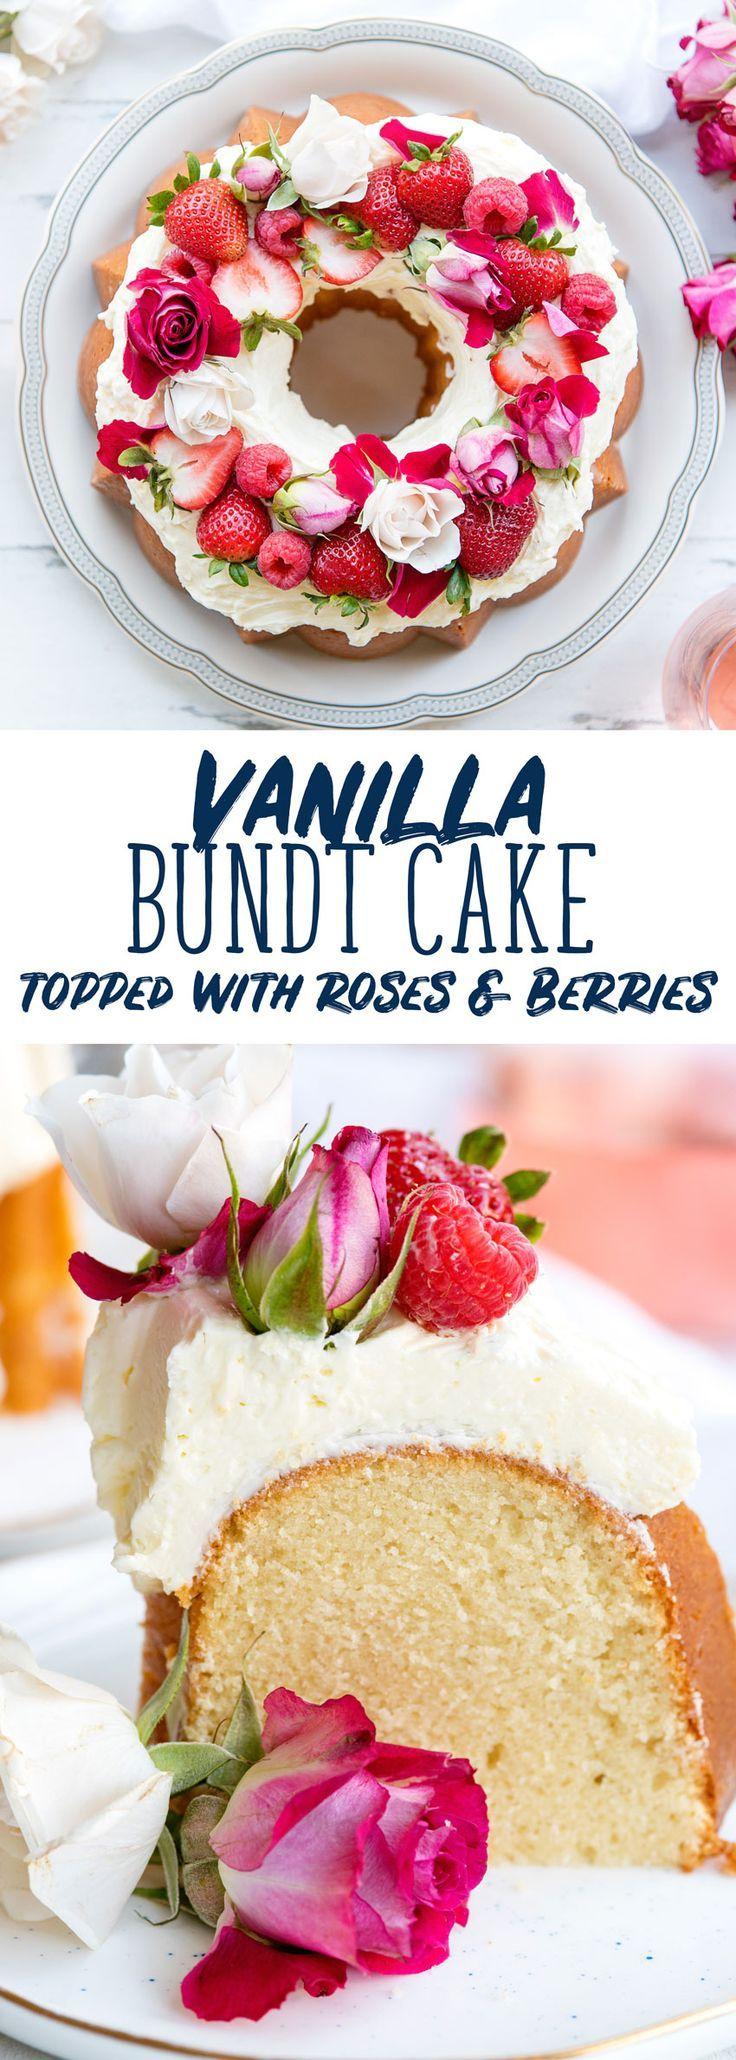 Vanille-Bundt-Kuchen mit Rosewater Buttercream Frosting & Flowers Vanille-Bundt-Kuchen mit Rosewater Buttercream Frosting & Flowers -